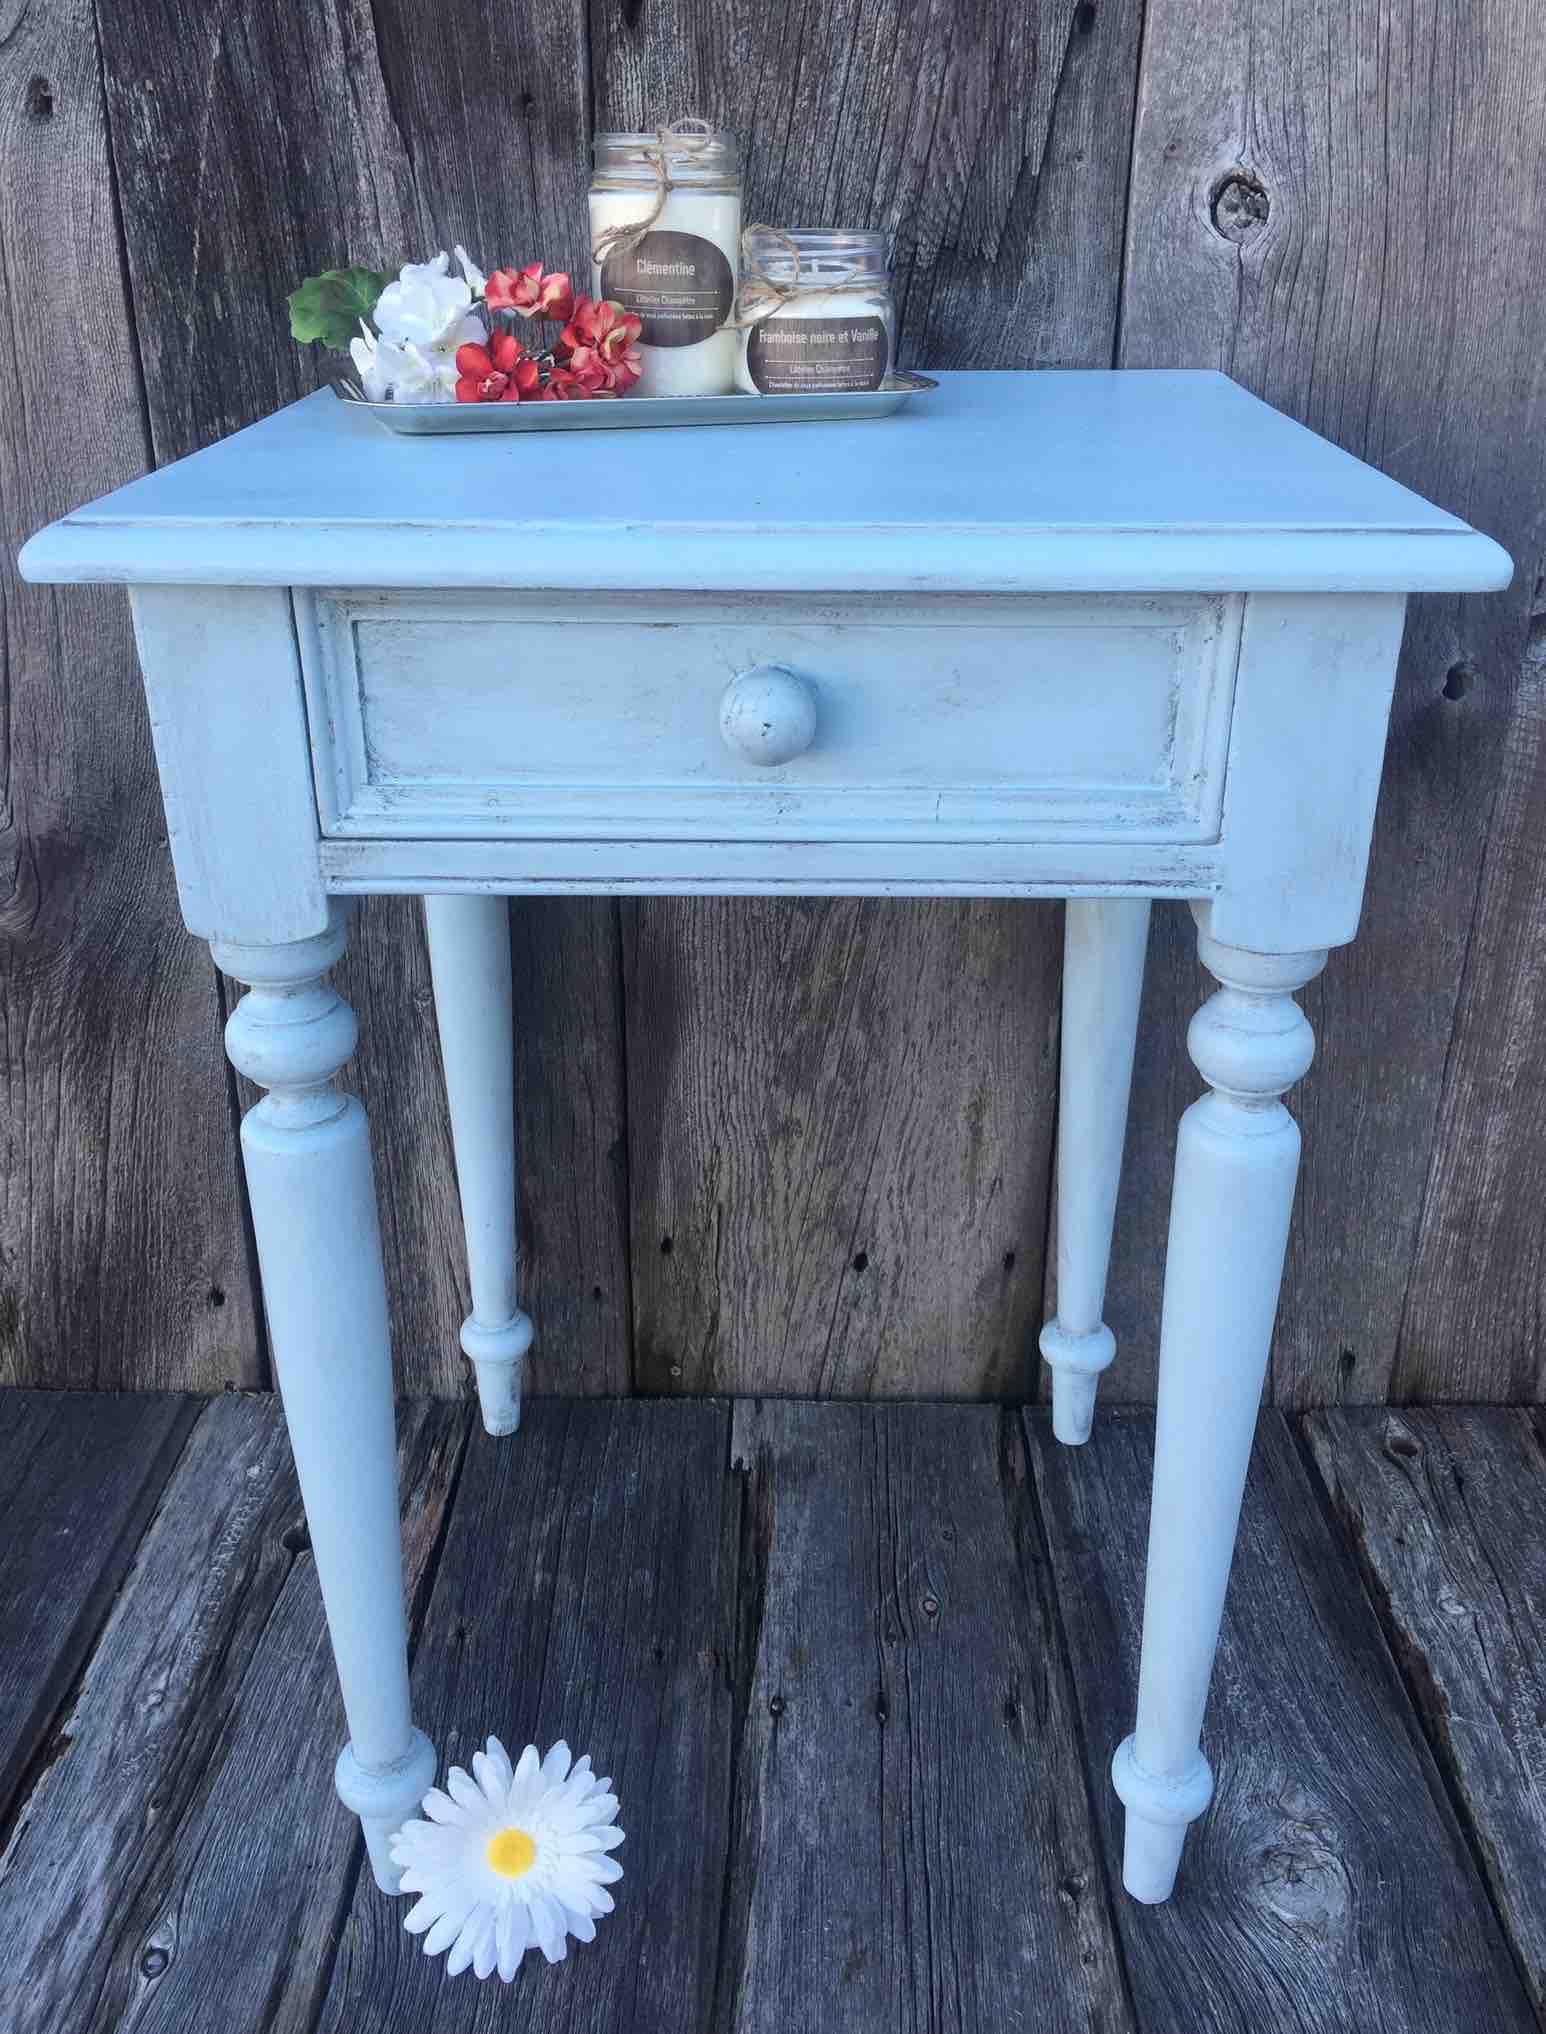 Rénovation de meuble en bois - Renovation of wooden furniture | Peinture à la craie Colorantic | Chalk-Based Paint Colorantic